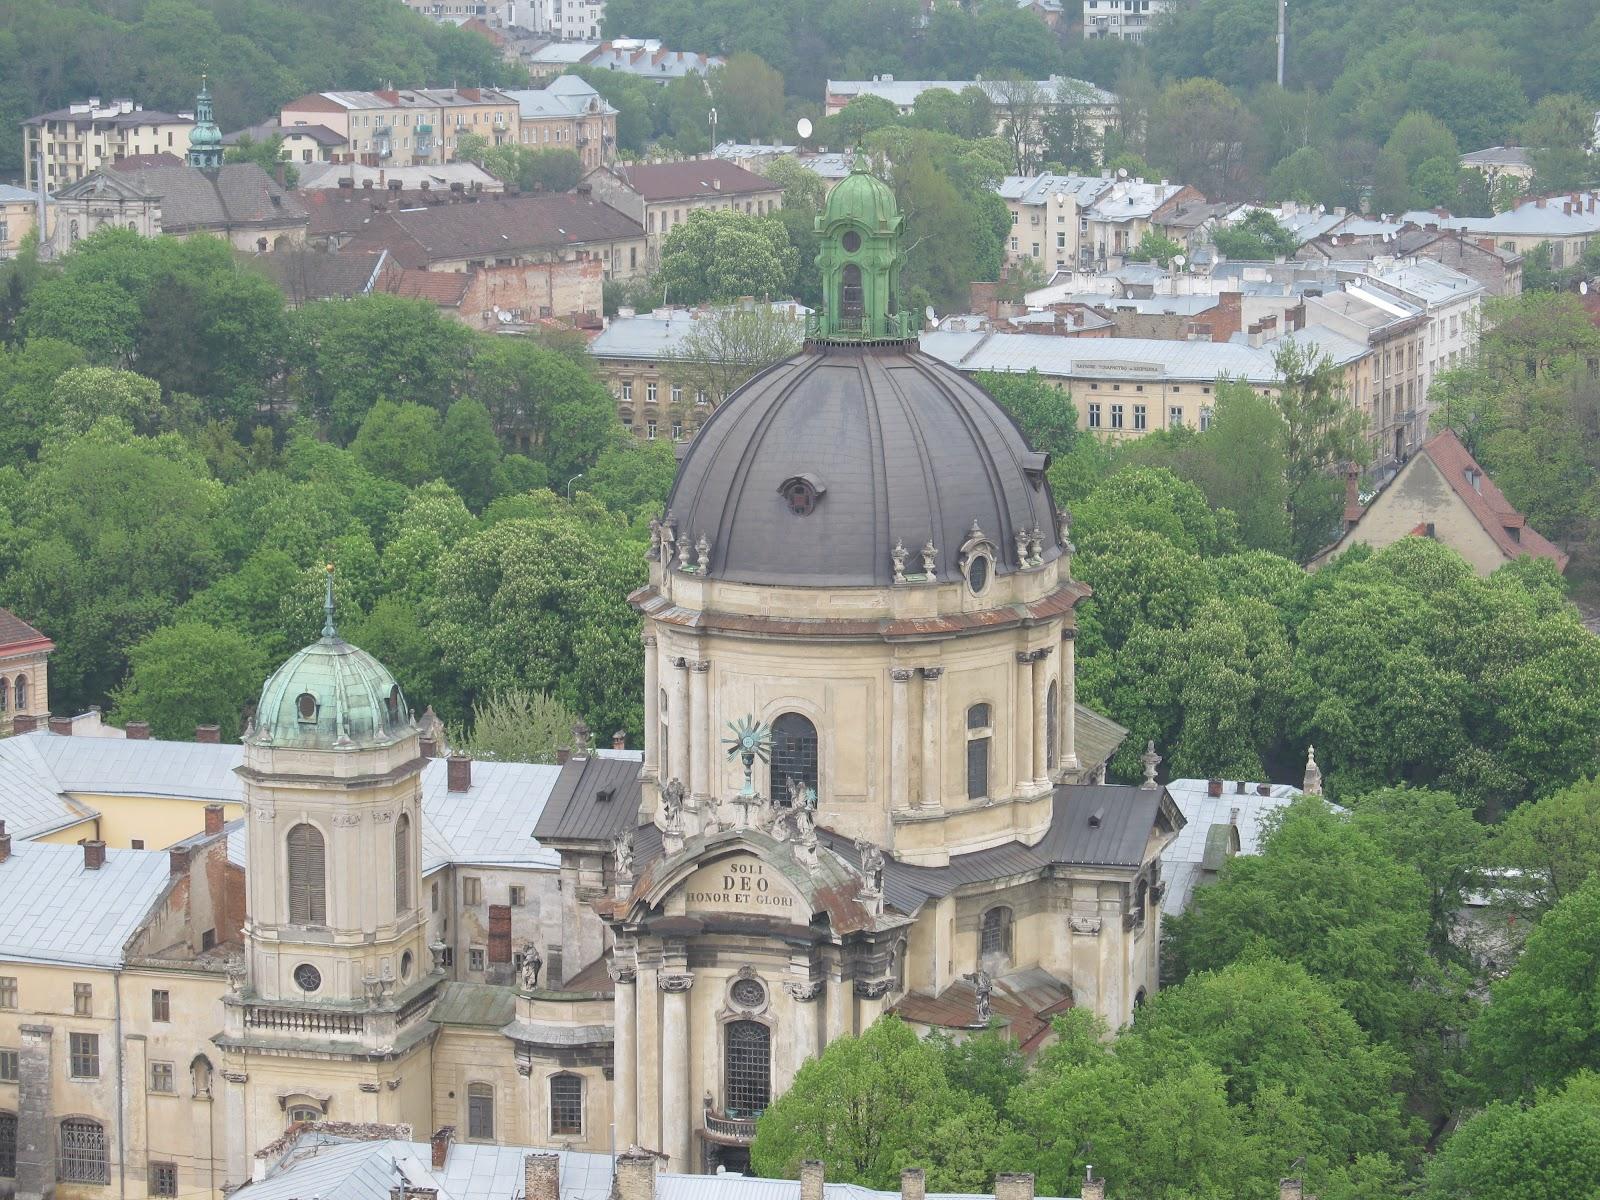 Домініканський костел, вигляд зверху, з Ратуші